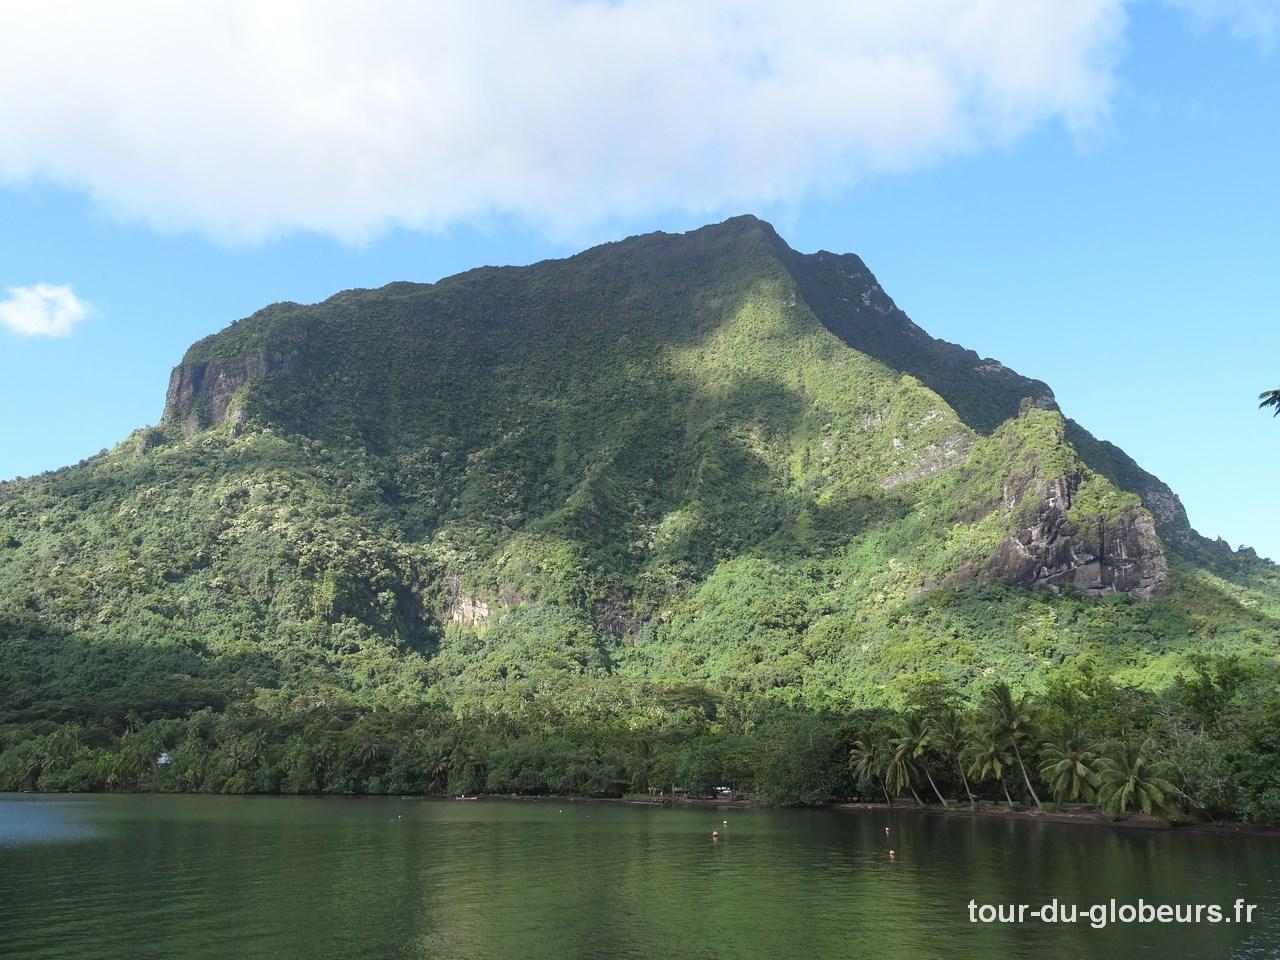 polynesie-moorea-2013-03-14-DSC08017-reduit